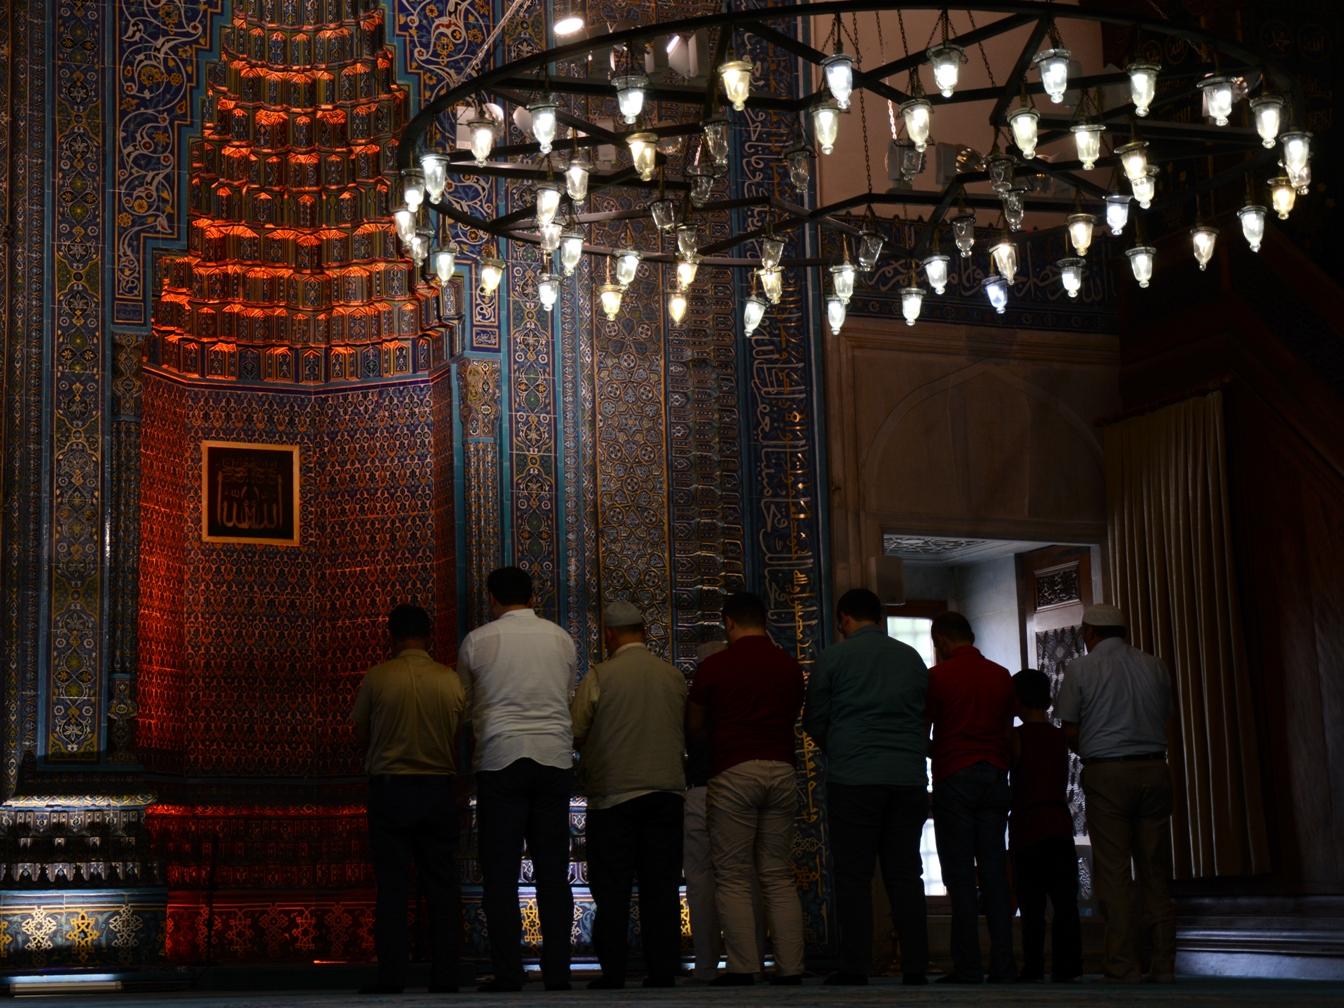 Imádkozó férfiak a Zöld Mecsetben